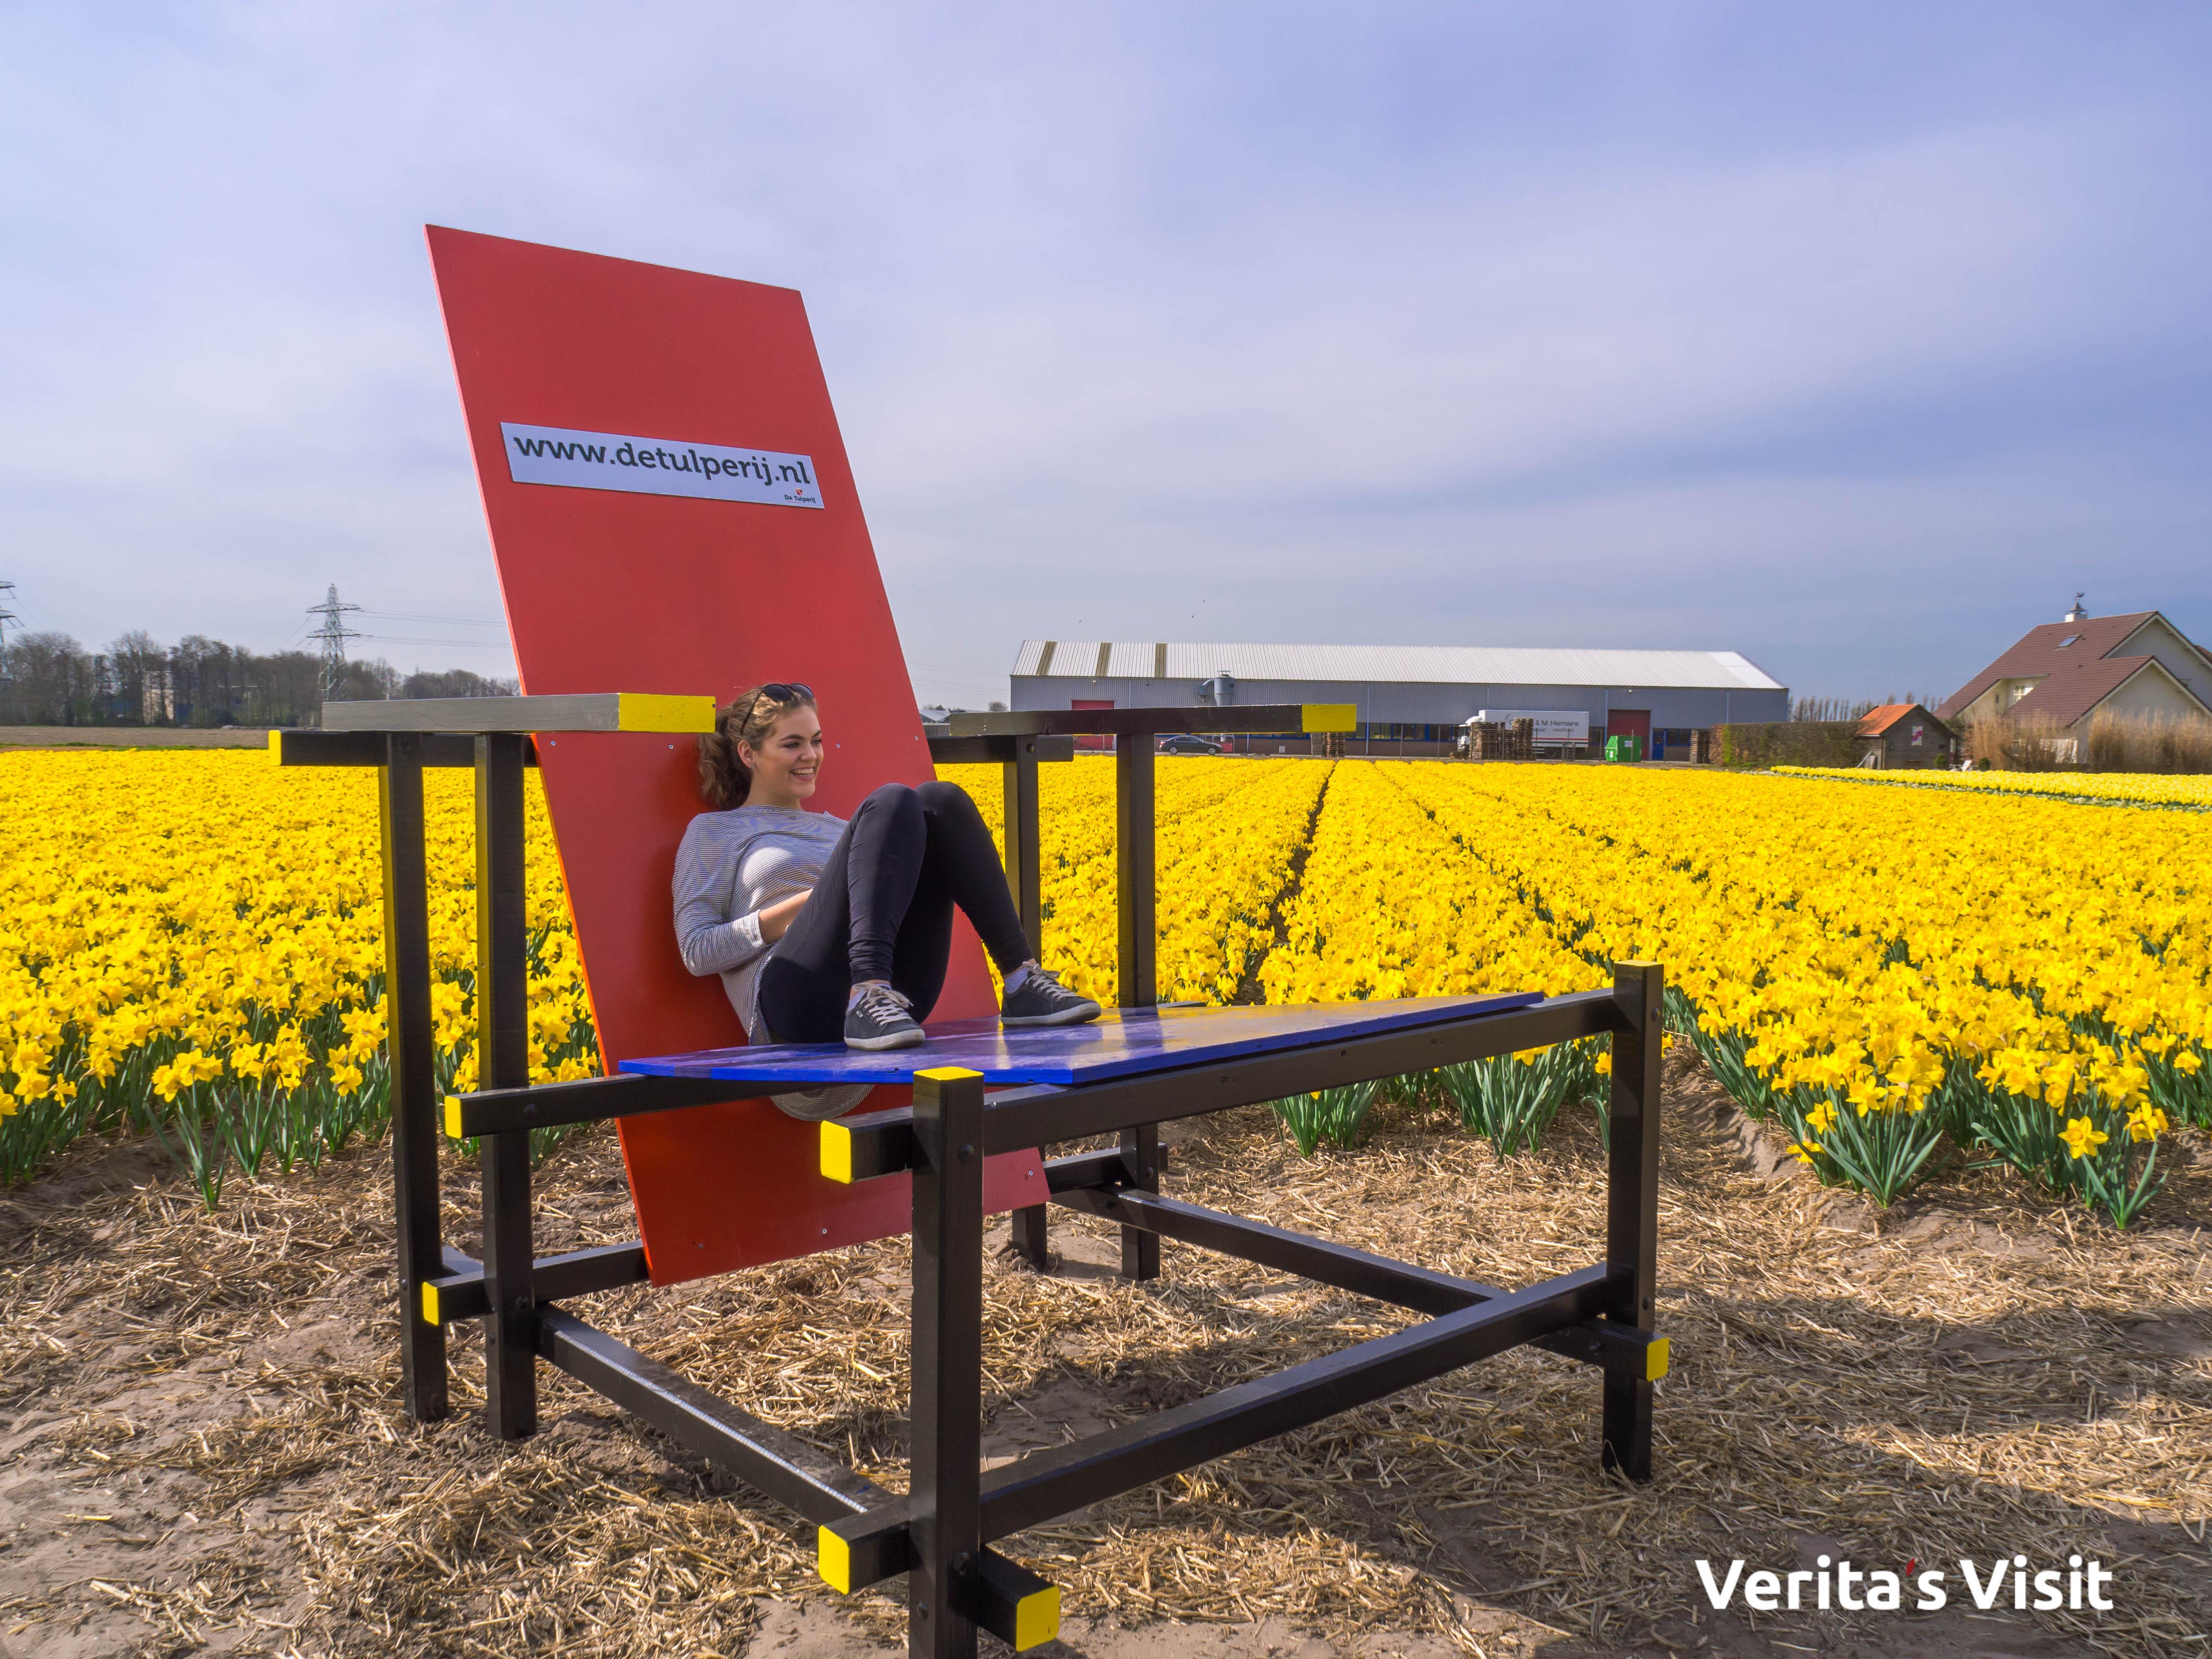 stop Leiden - Keukenhof fietstocht met gids Verita's Visit